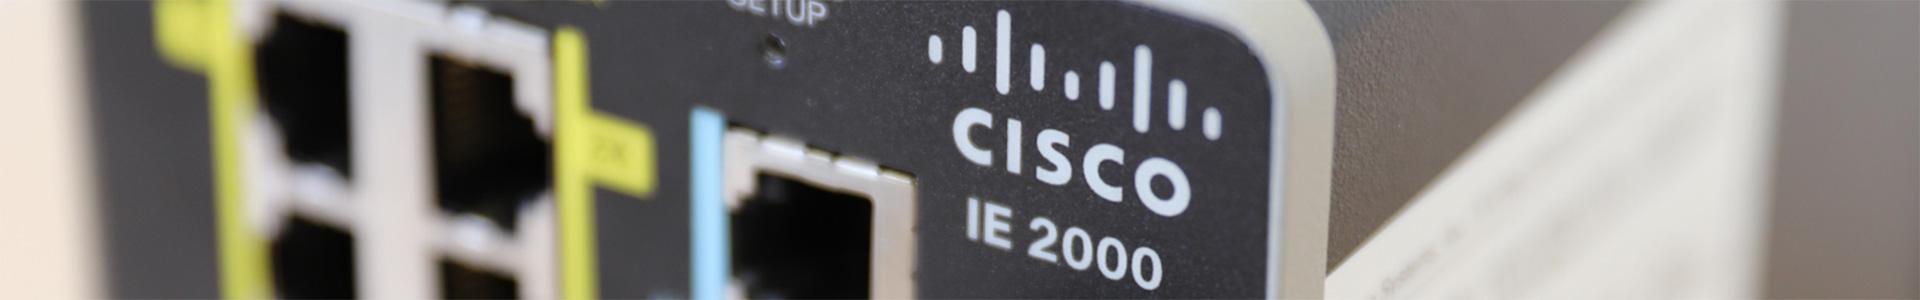 Cisco IE 2000 Switch